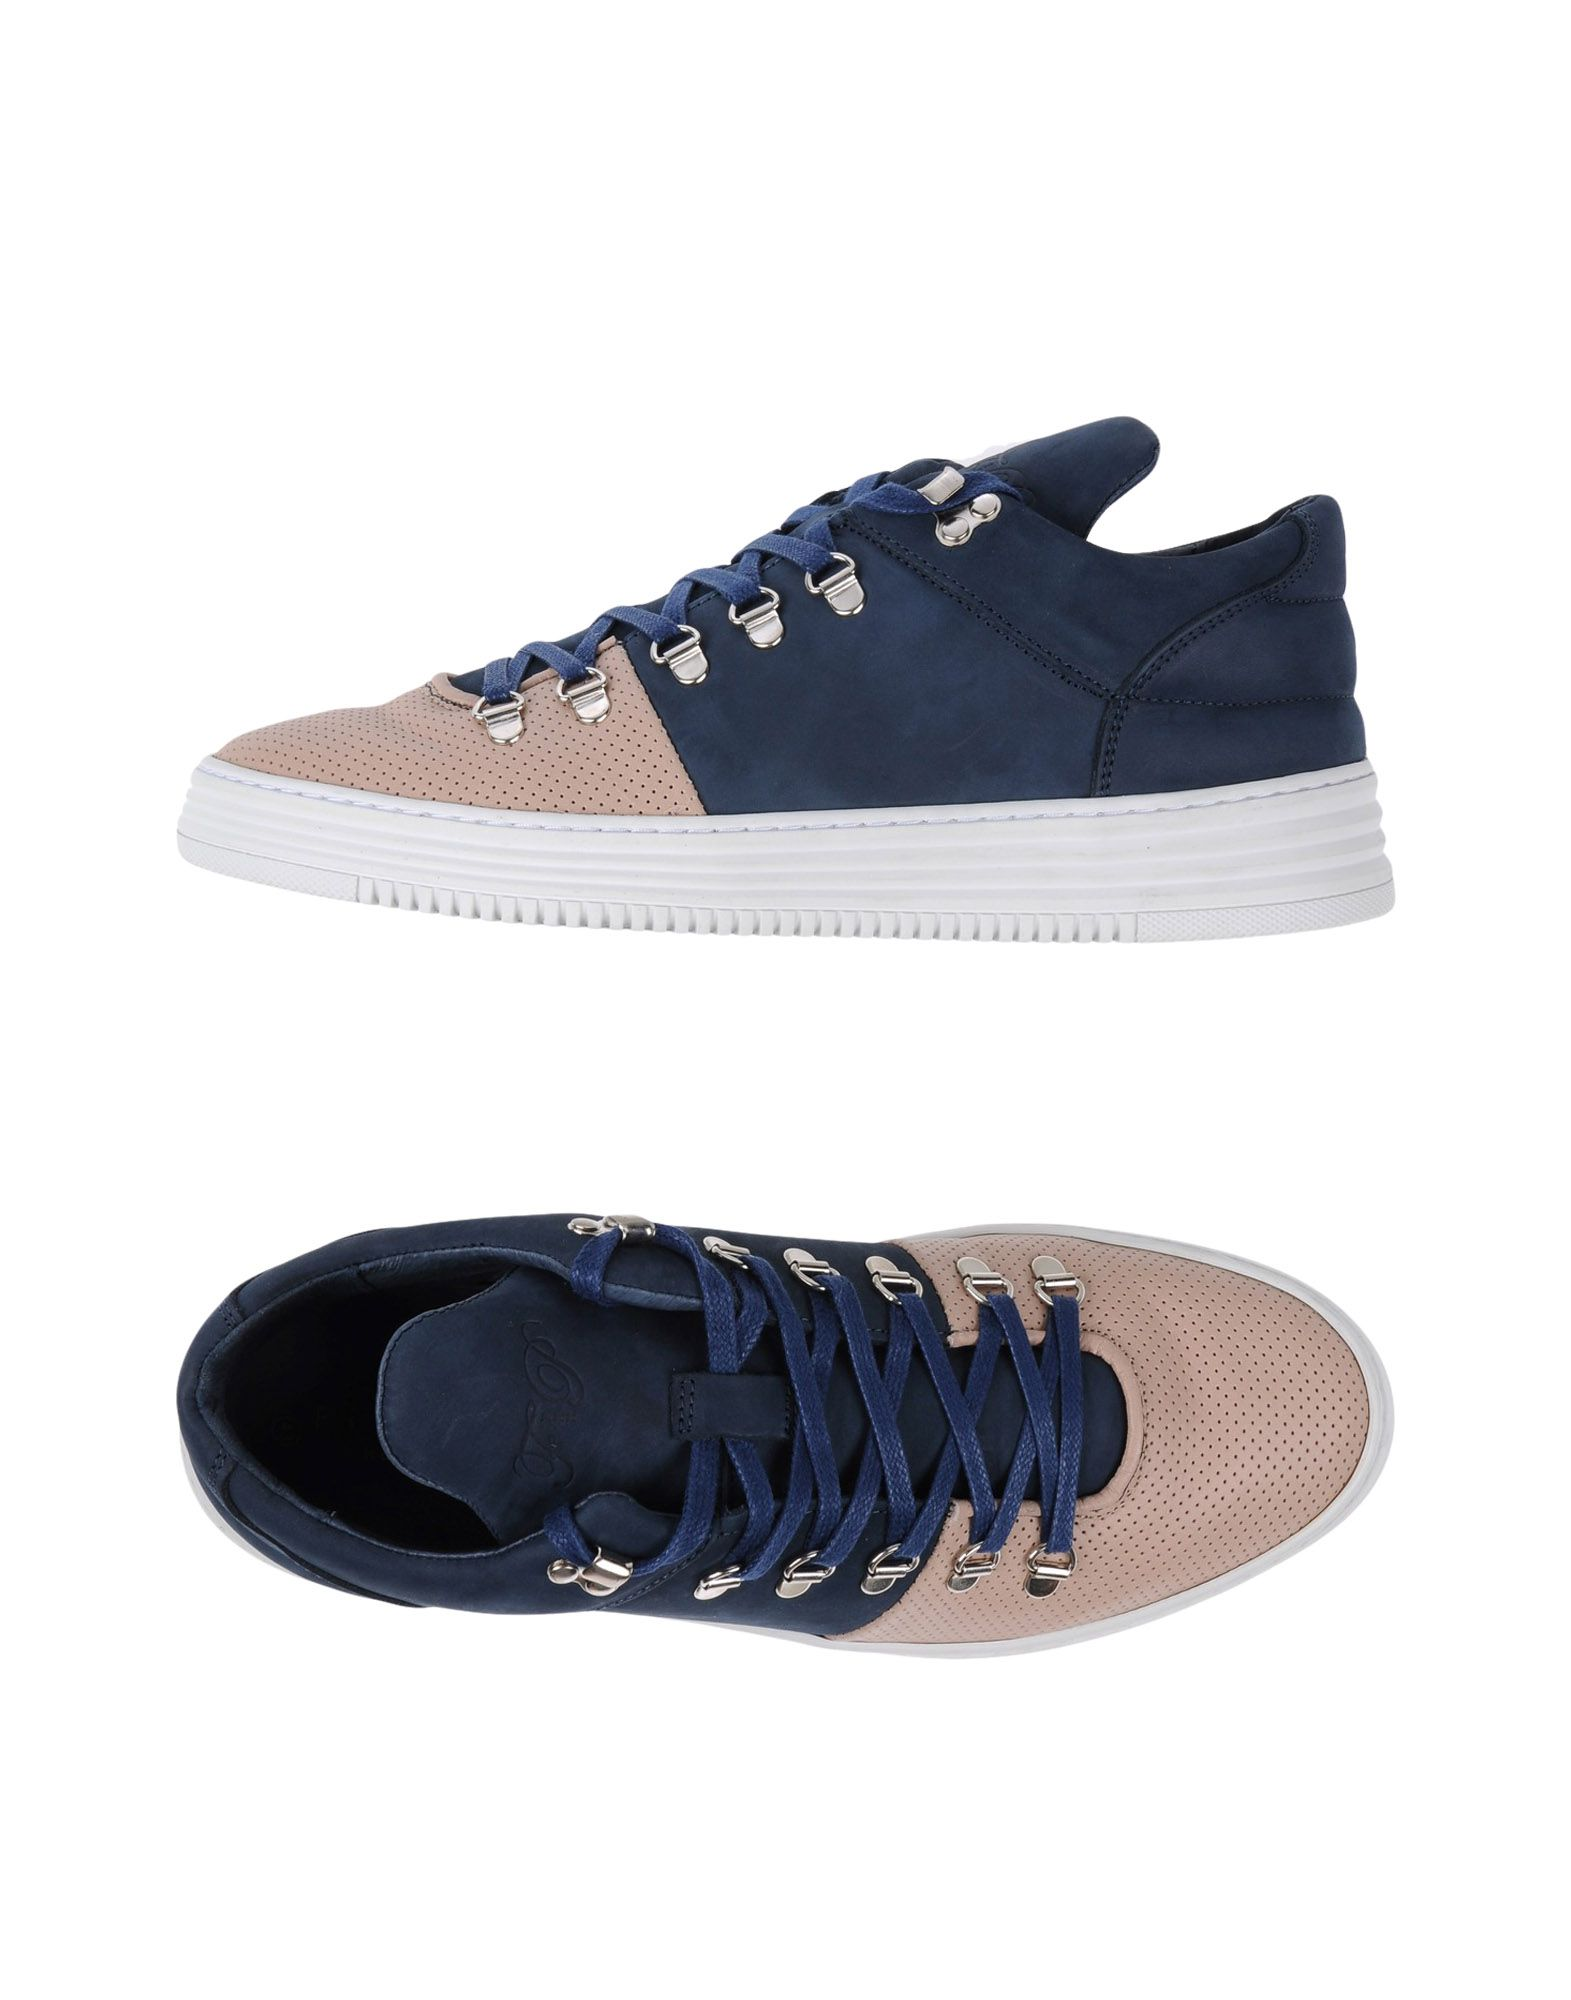 Sneakers Filling Pieces Homme - Sneakers Filling Pieces  Bleu foncé Super rabais